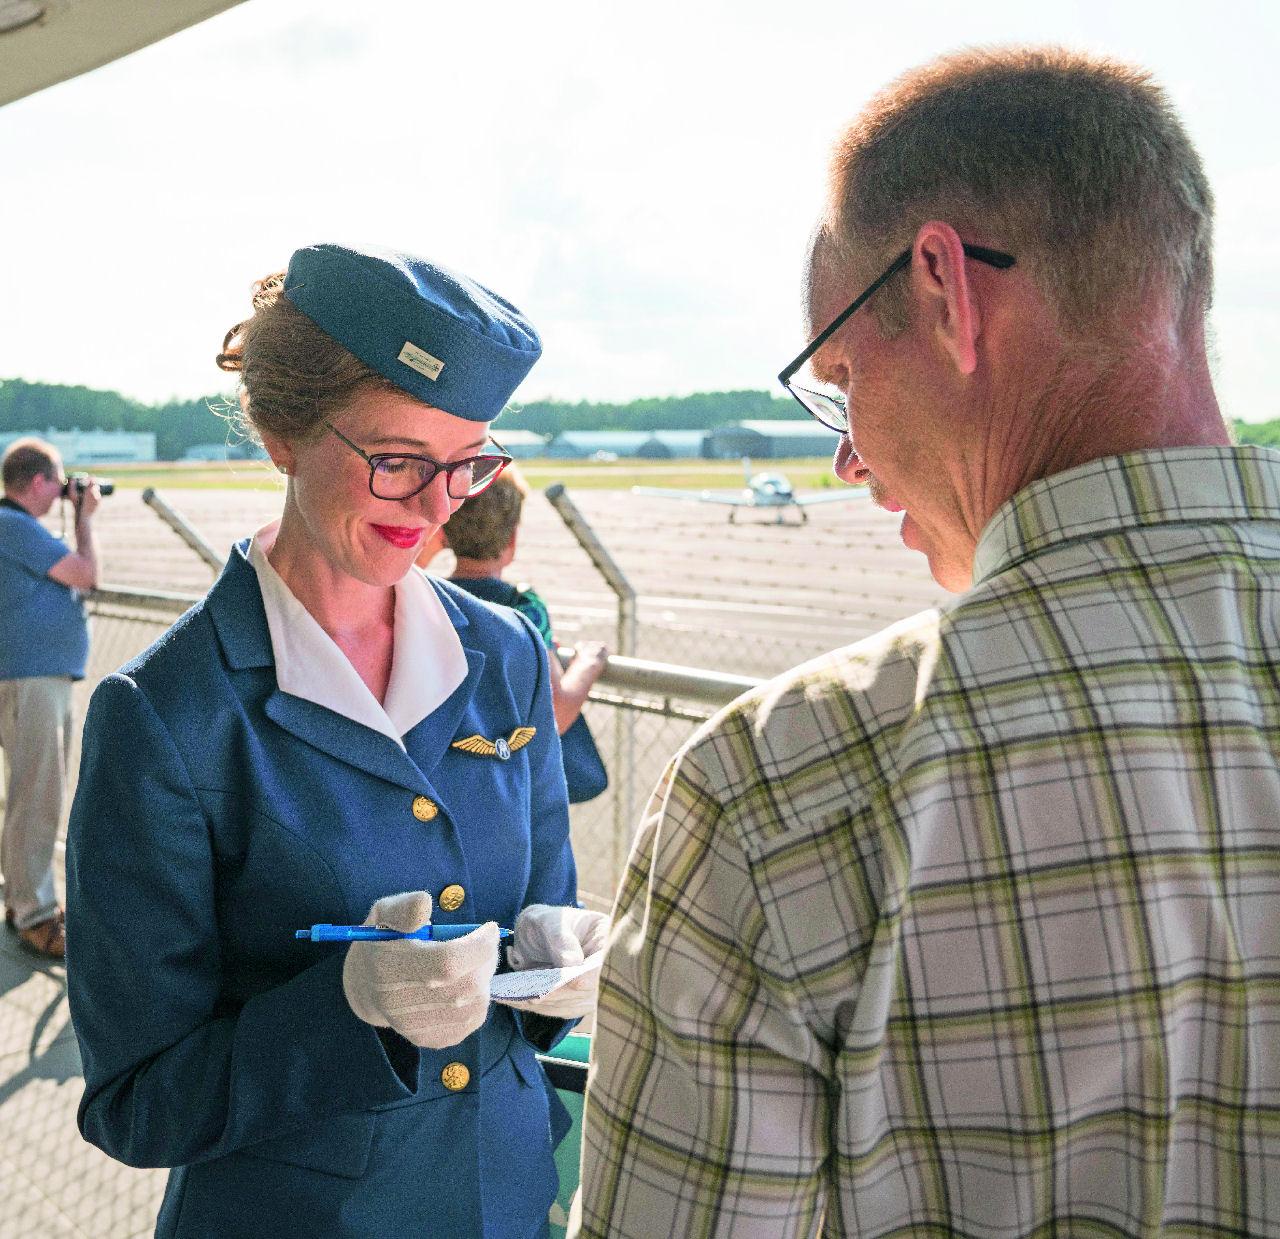 Vintagea taivaalle: DC-3:n purseri: Malmin ehkä katoavaa idylliä: viehättävä lentoemäntä ottamassa vastaan matkustajia. Kuva: Topi Äikäs. Siivet 5/2018.